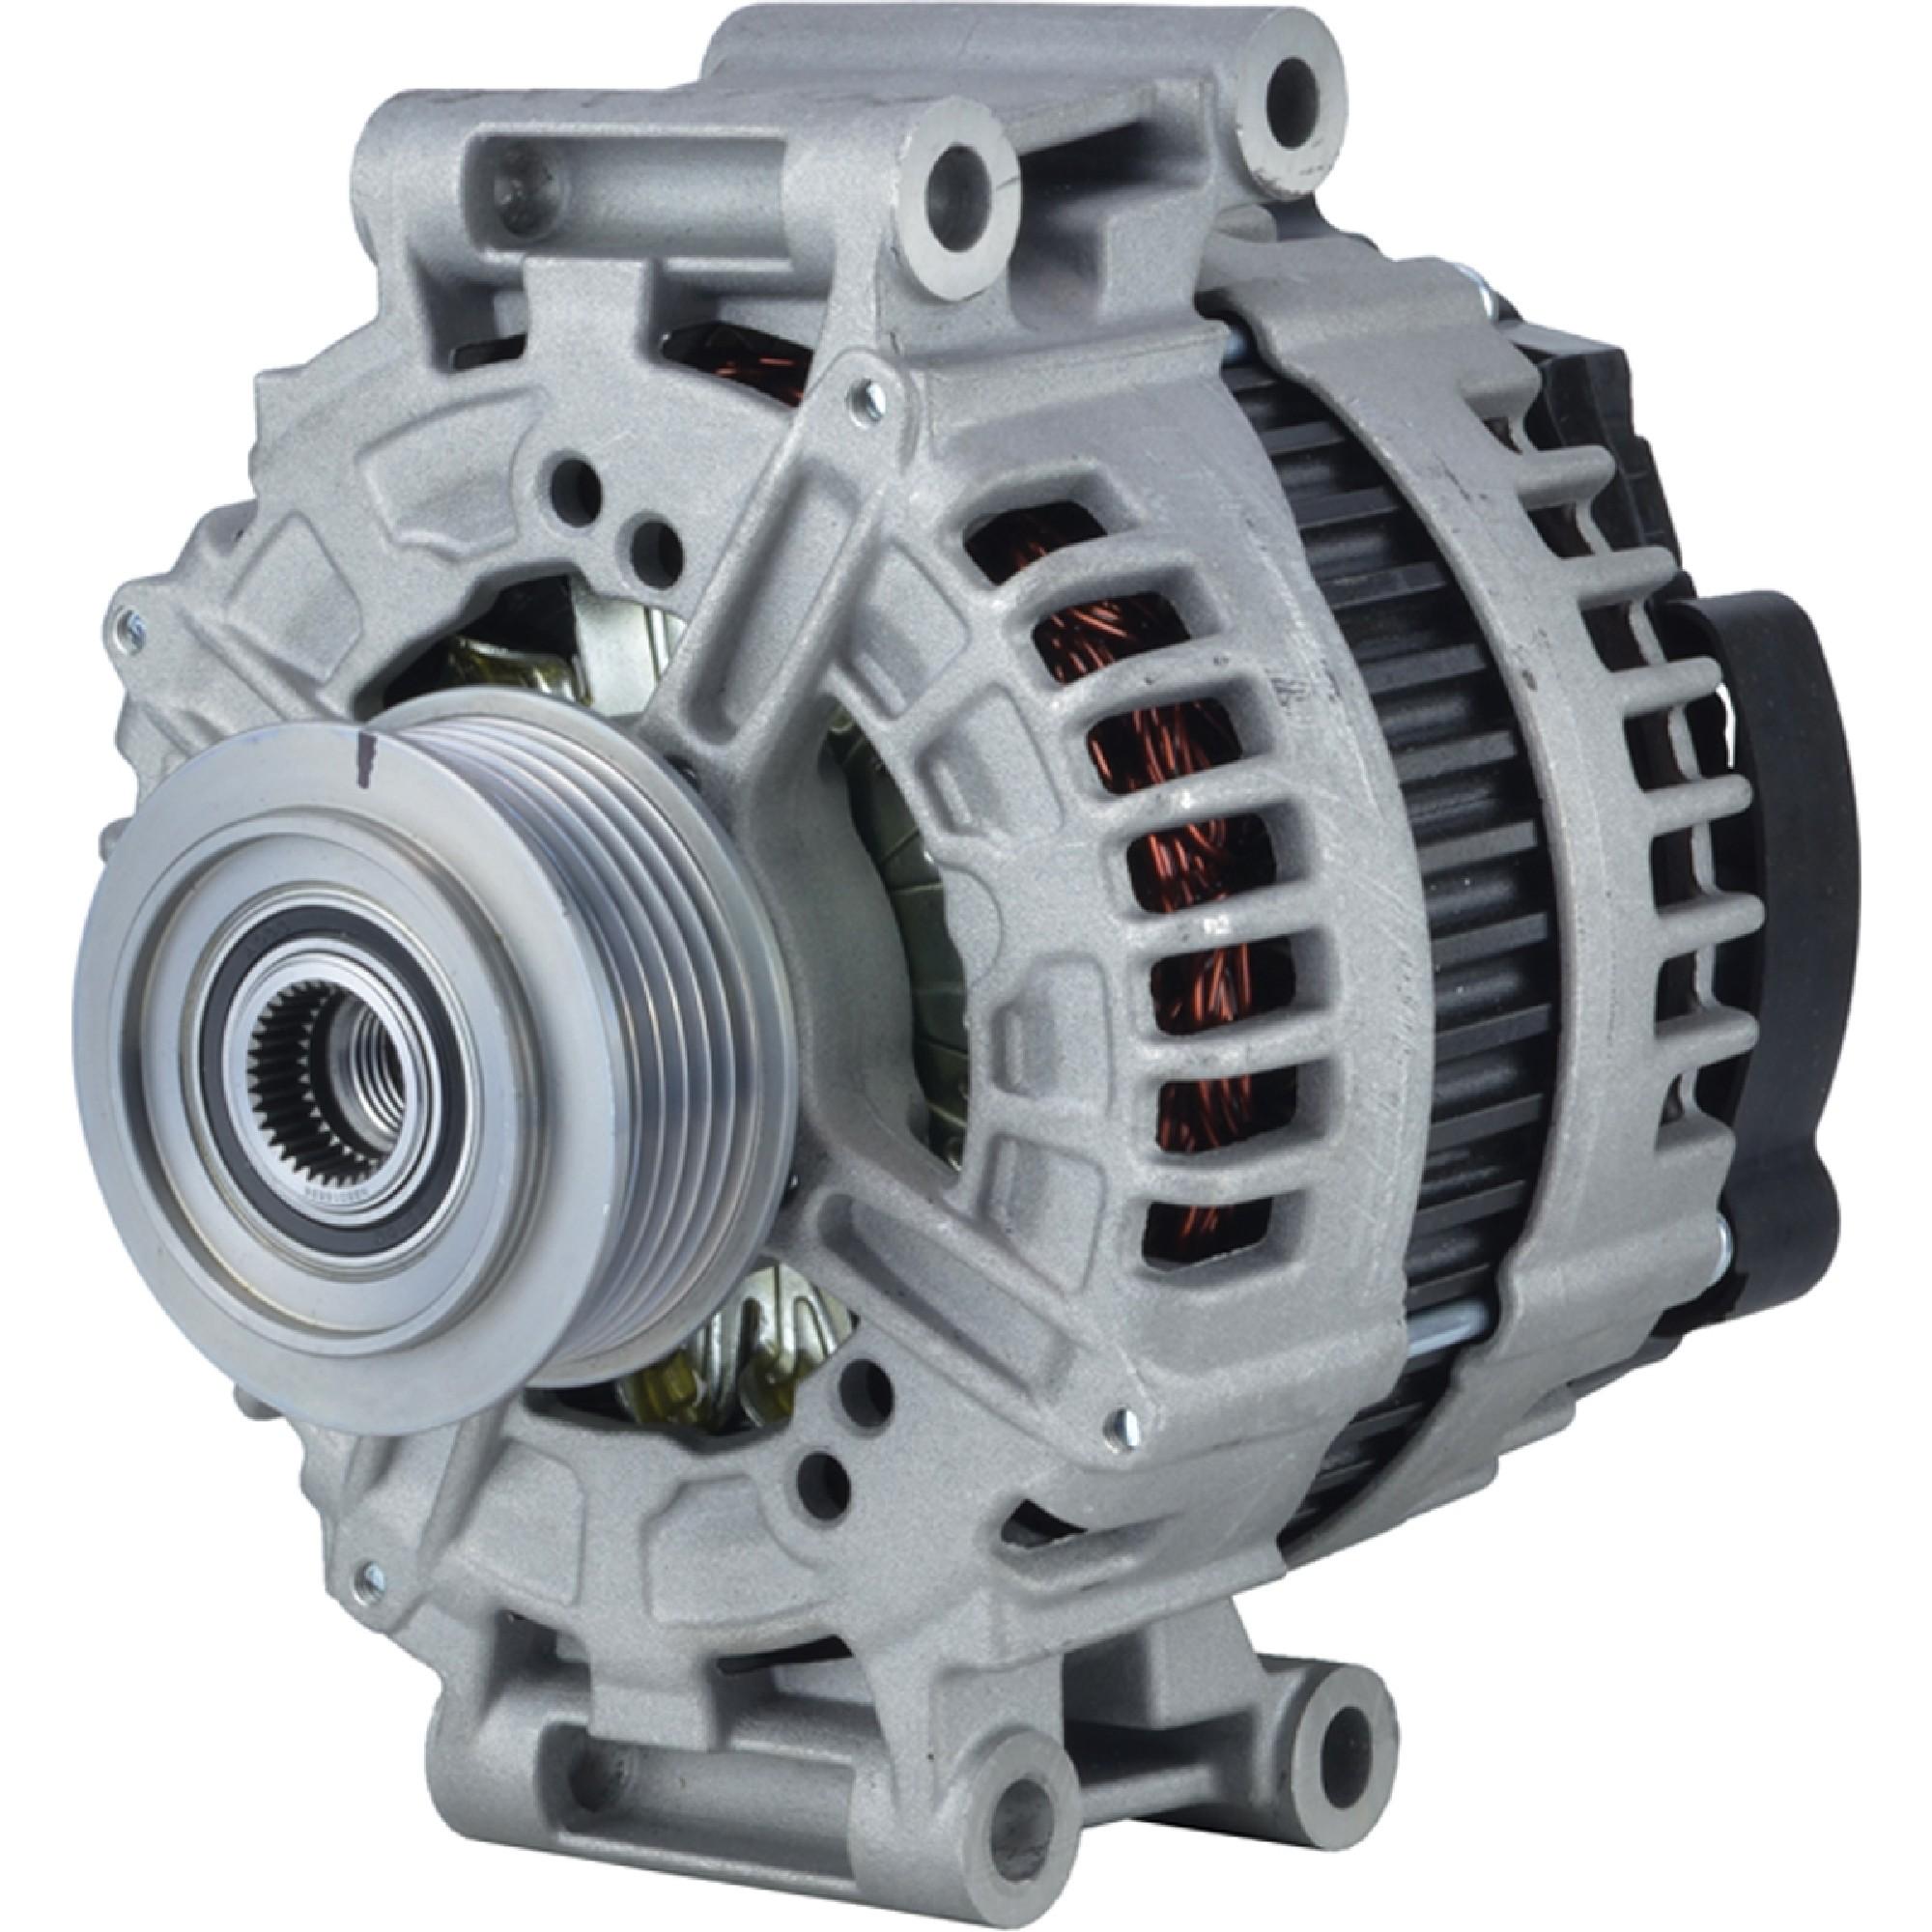 New Alternator for 3.0L V6 Audi A6 2010-2011